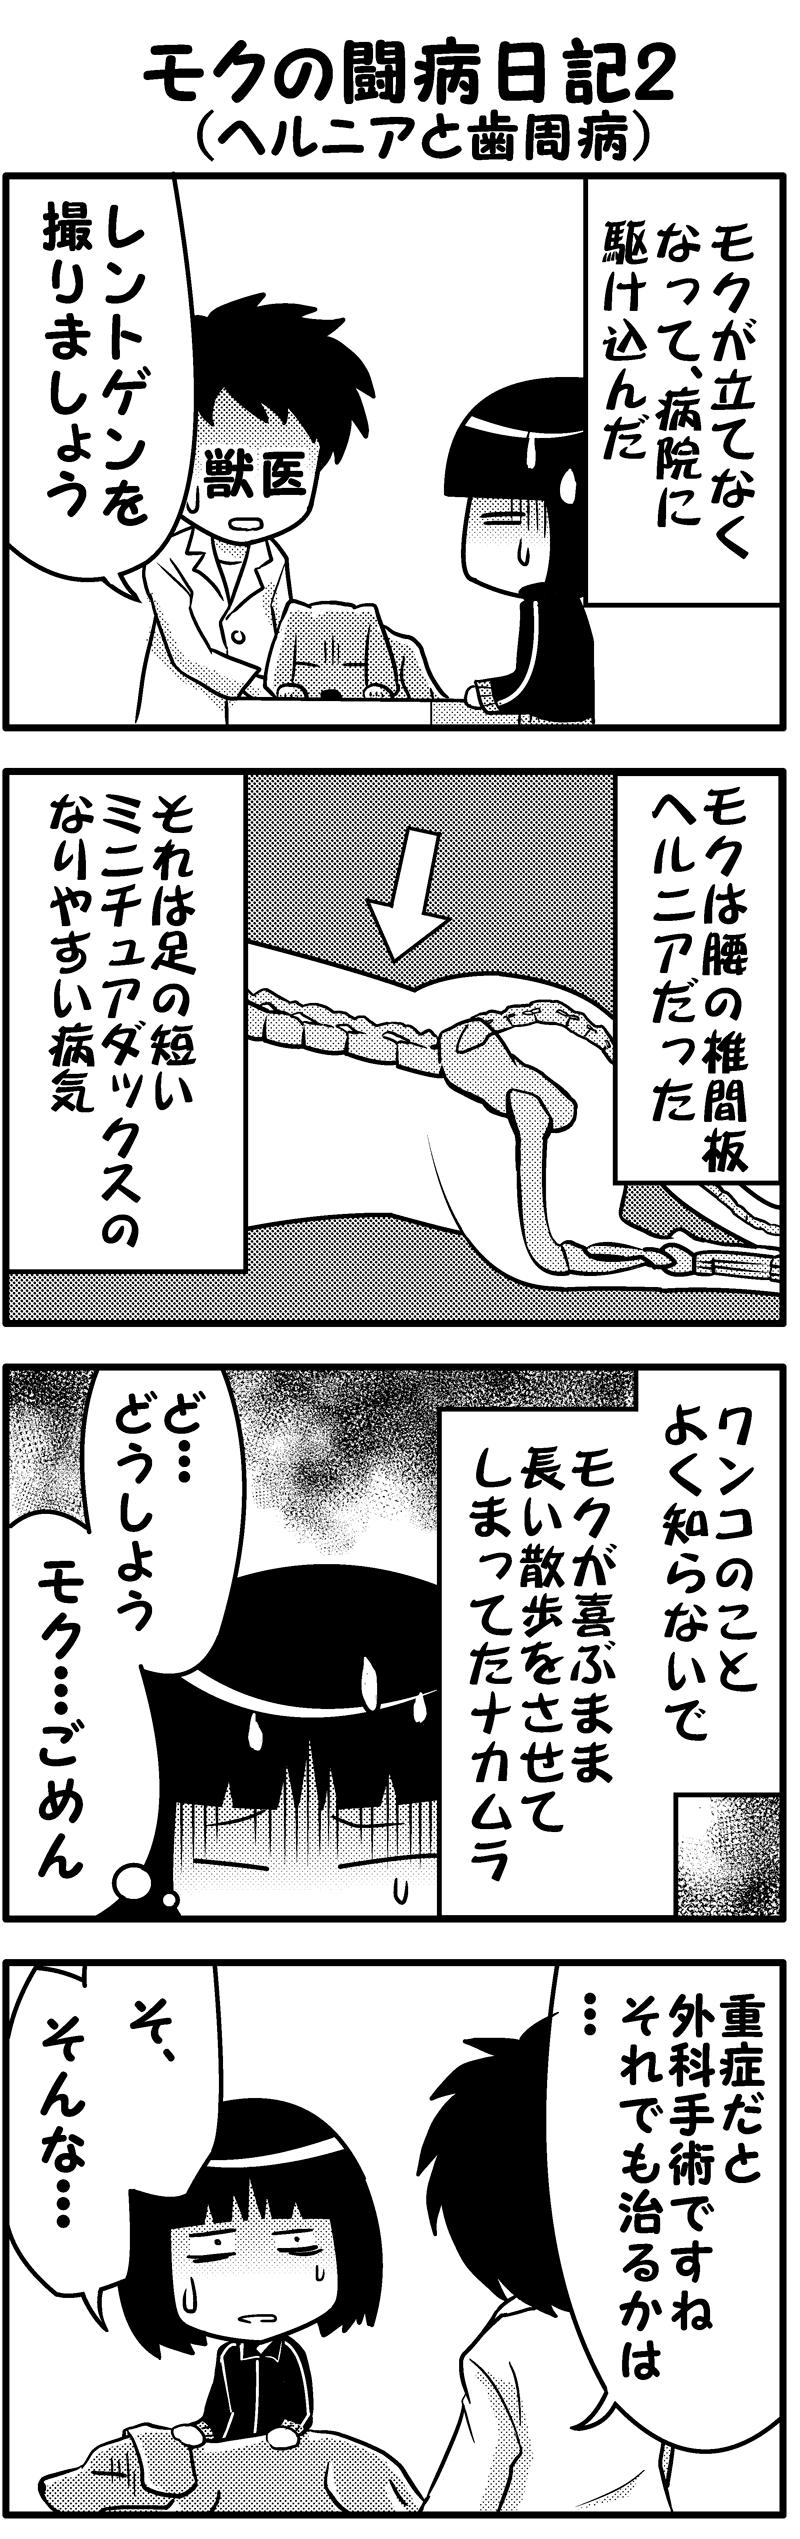 モク闘病日記2-1